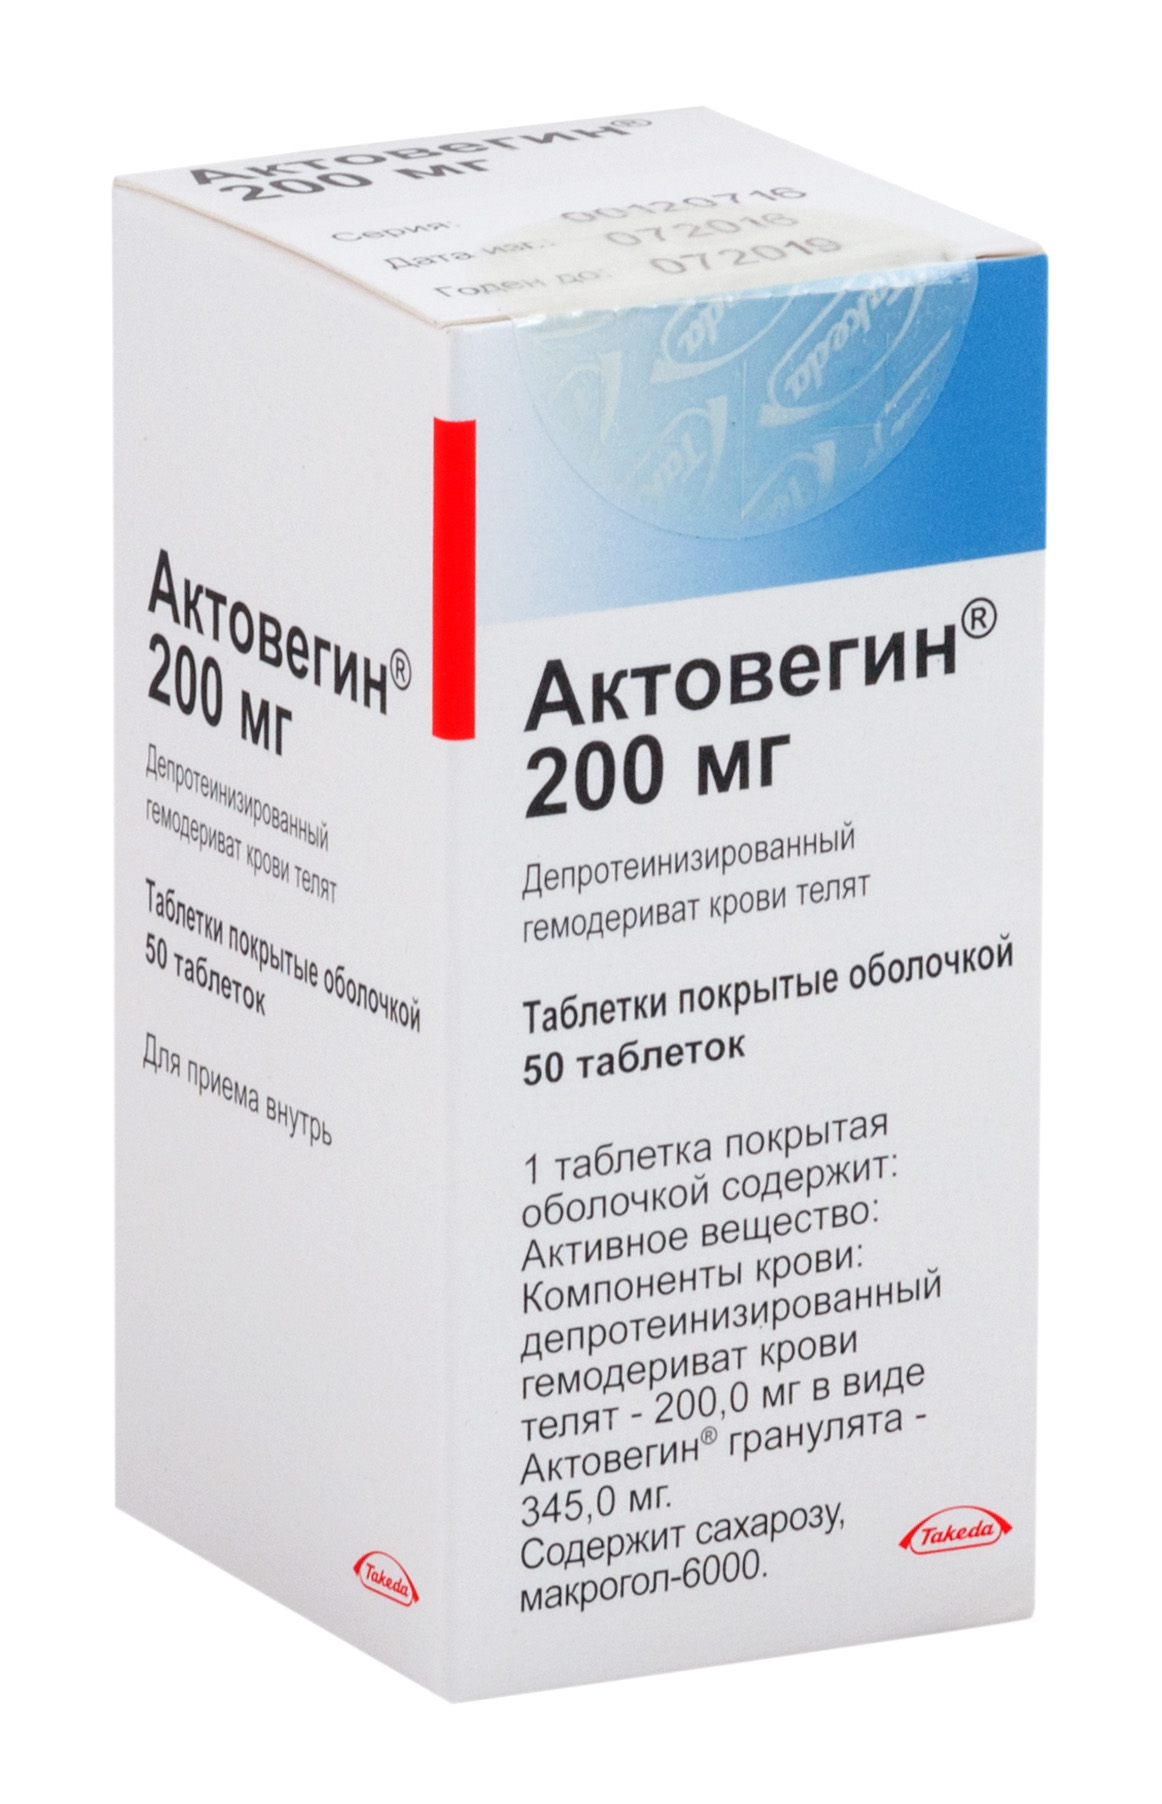 Применение депротеинизированного гемодеривата крови телят